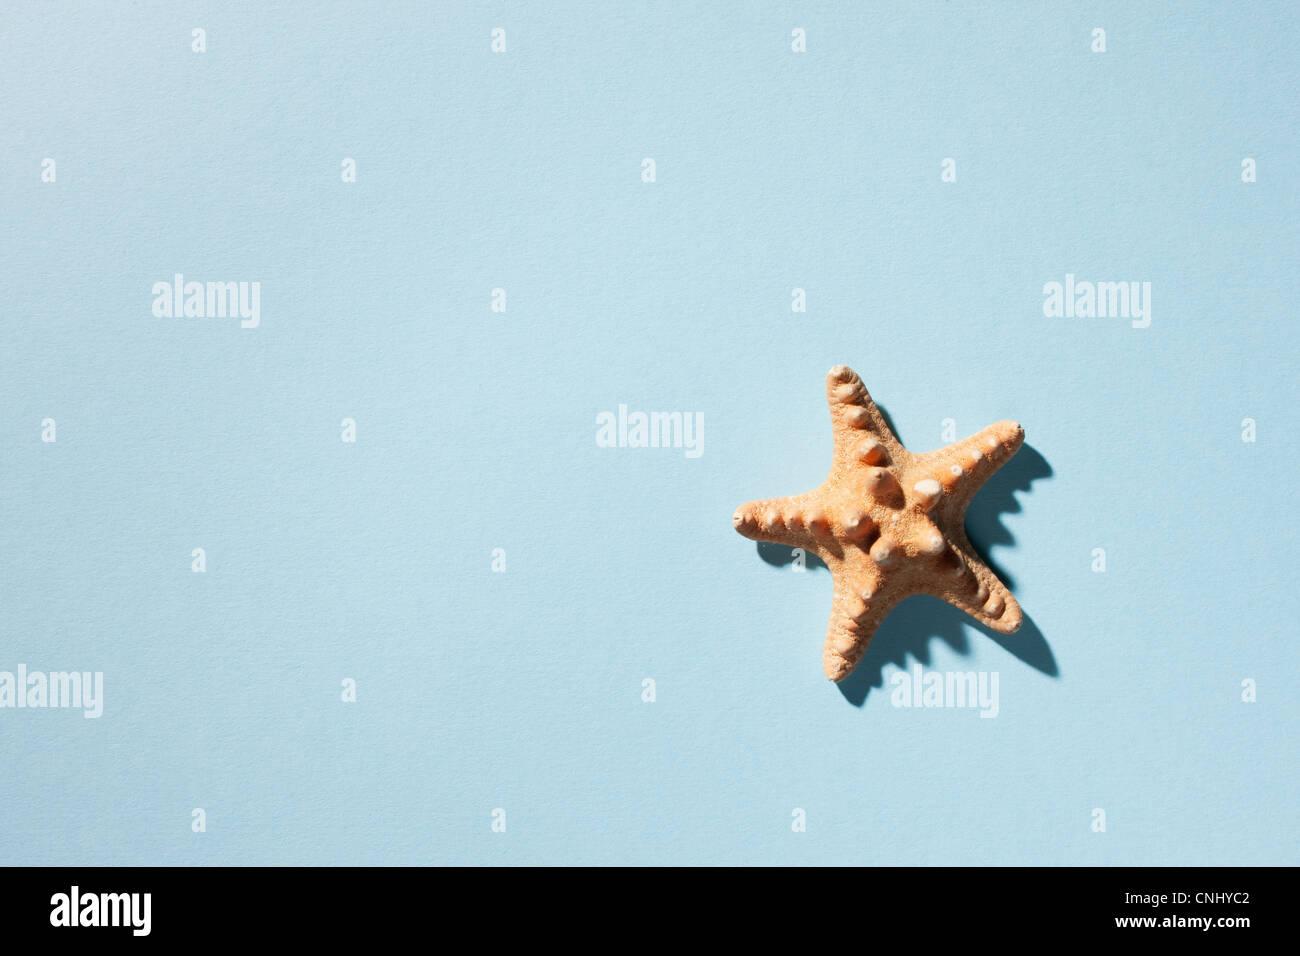 Starfish on turquoise background - Stock Image